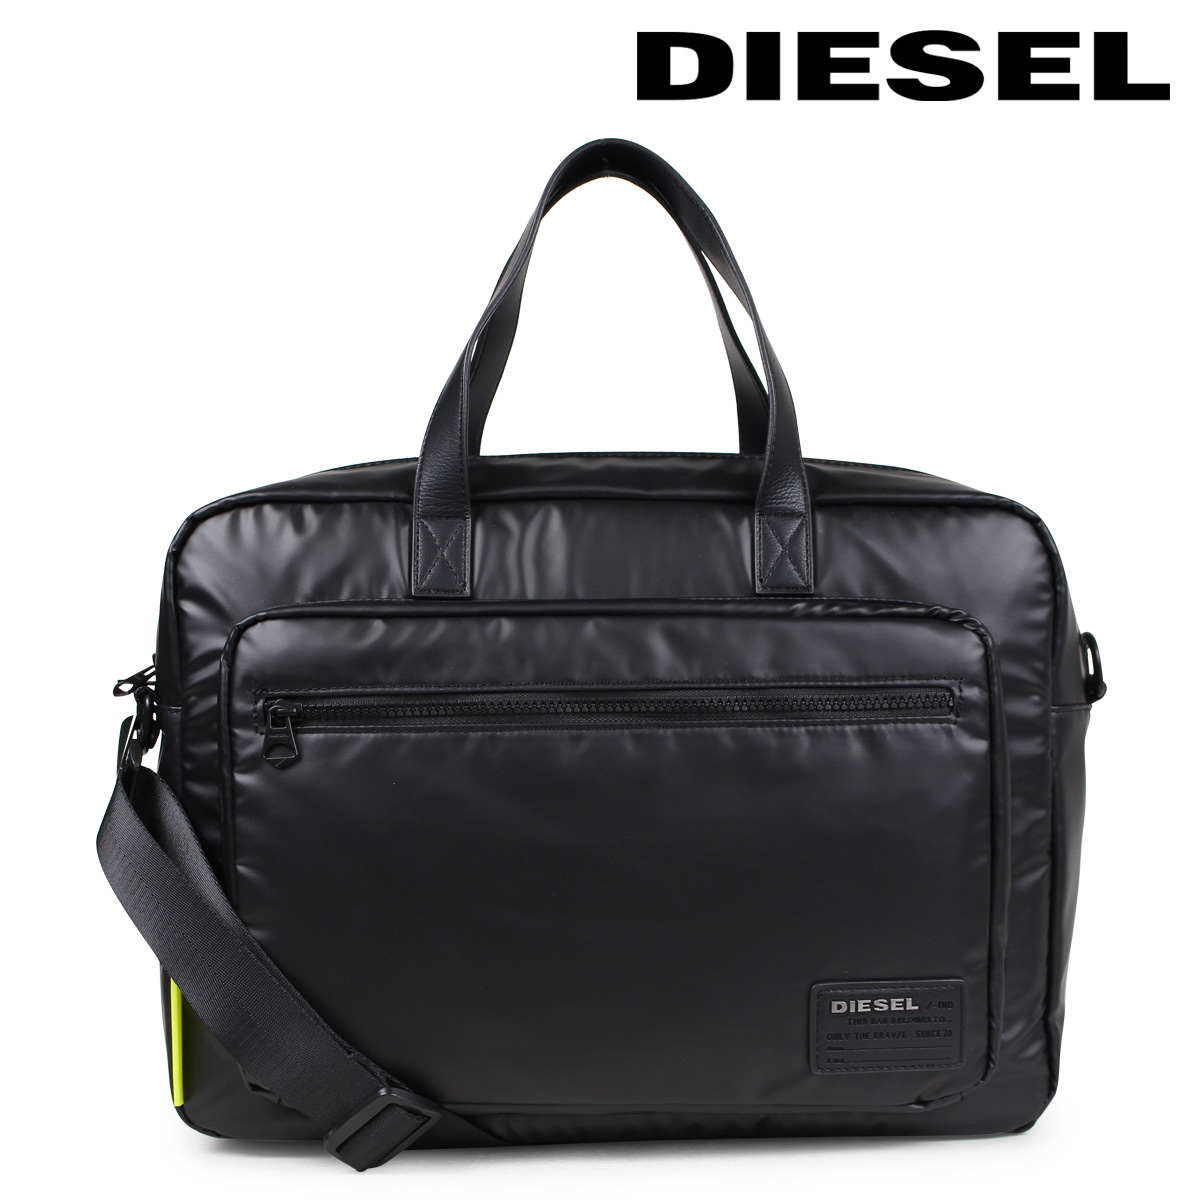 【最大2000円OFFクーポン】 ディーゼル DIESEL バッグ メンズ ブリーフケース DISCOVER-UZ F-DISCOVER BRIEFCASE X05185 P1157 T8013 ブラック